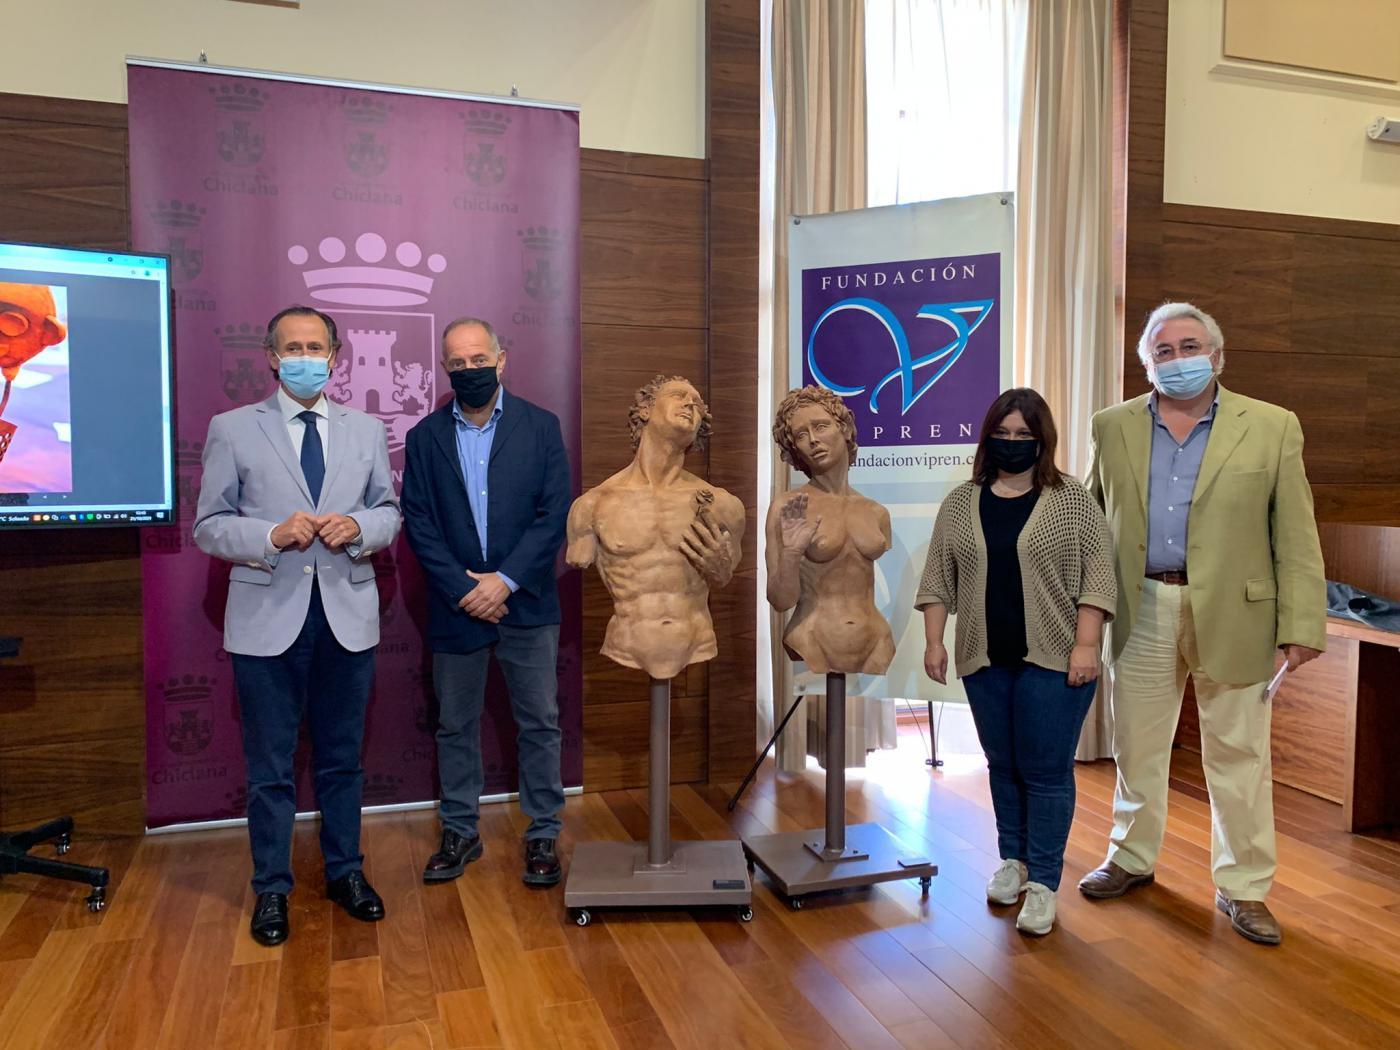 La Fundación Vipren pone en marcha la exposición 'Virtual' obra de Manuel Luna